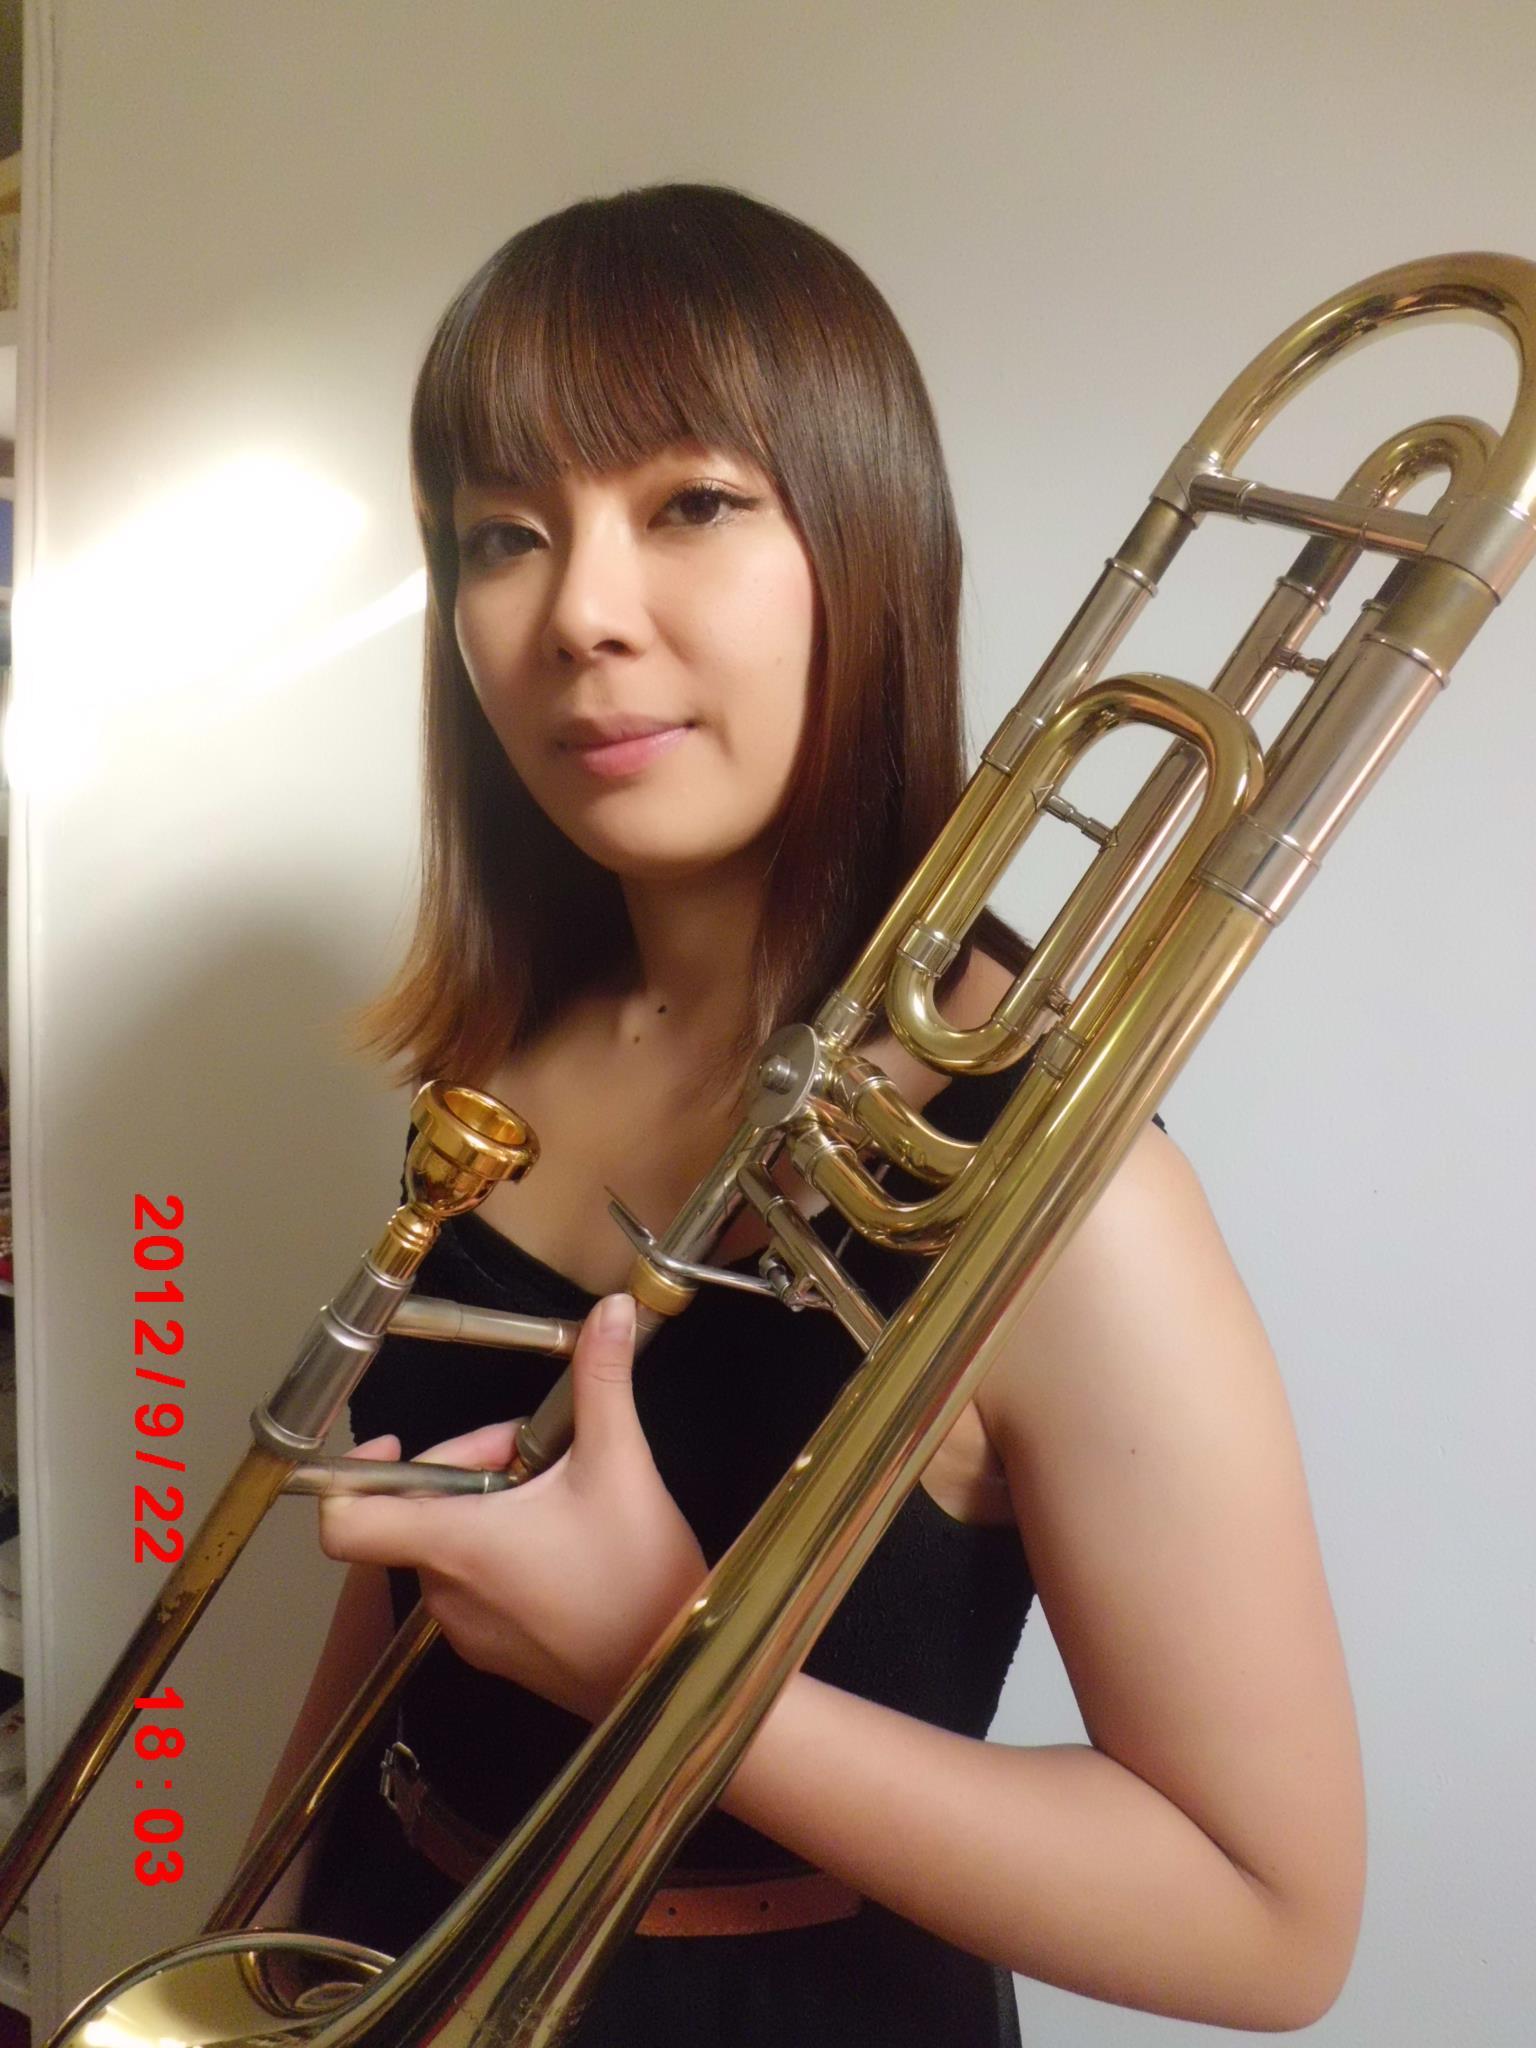 Miki Nagata